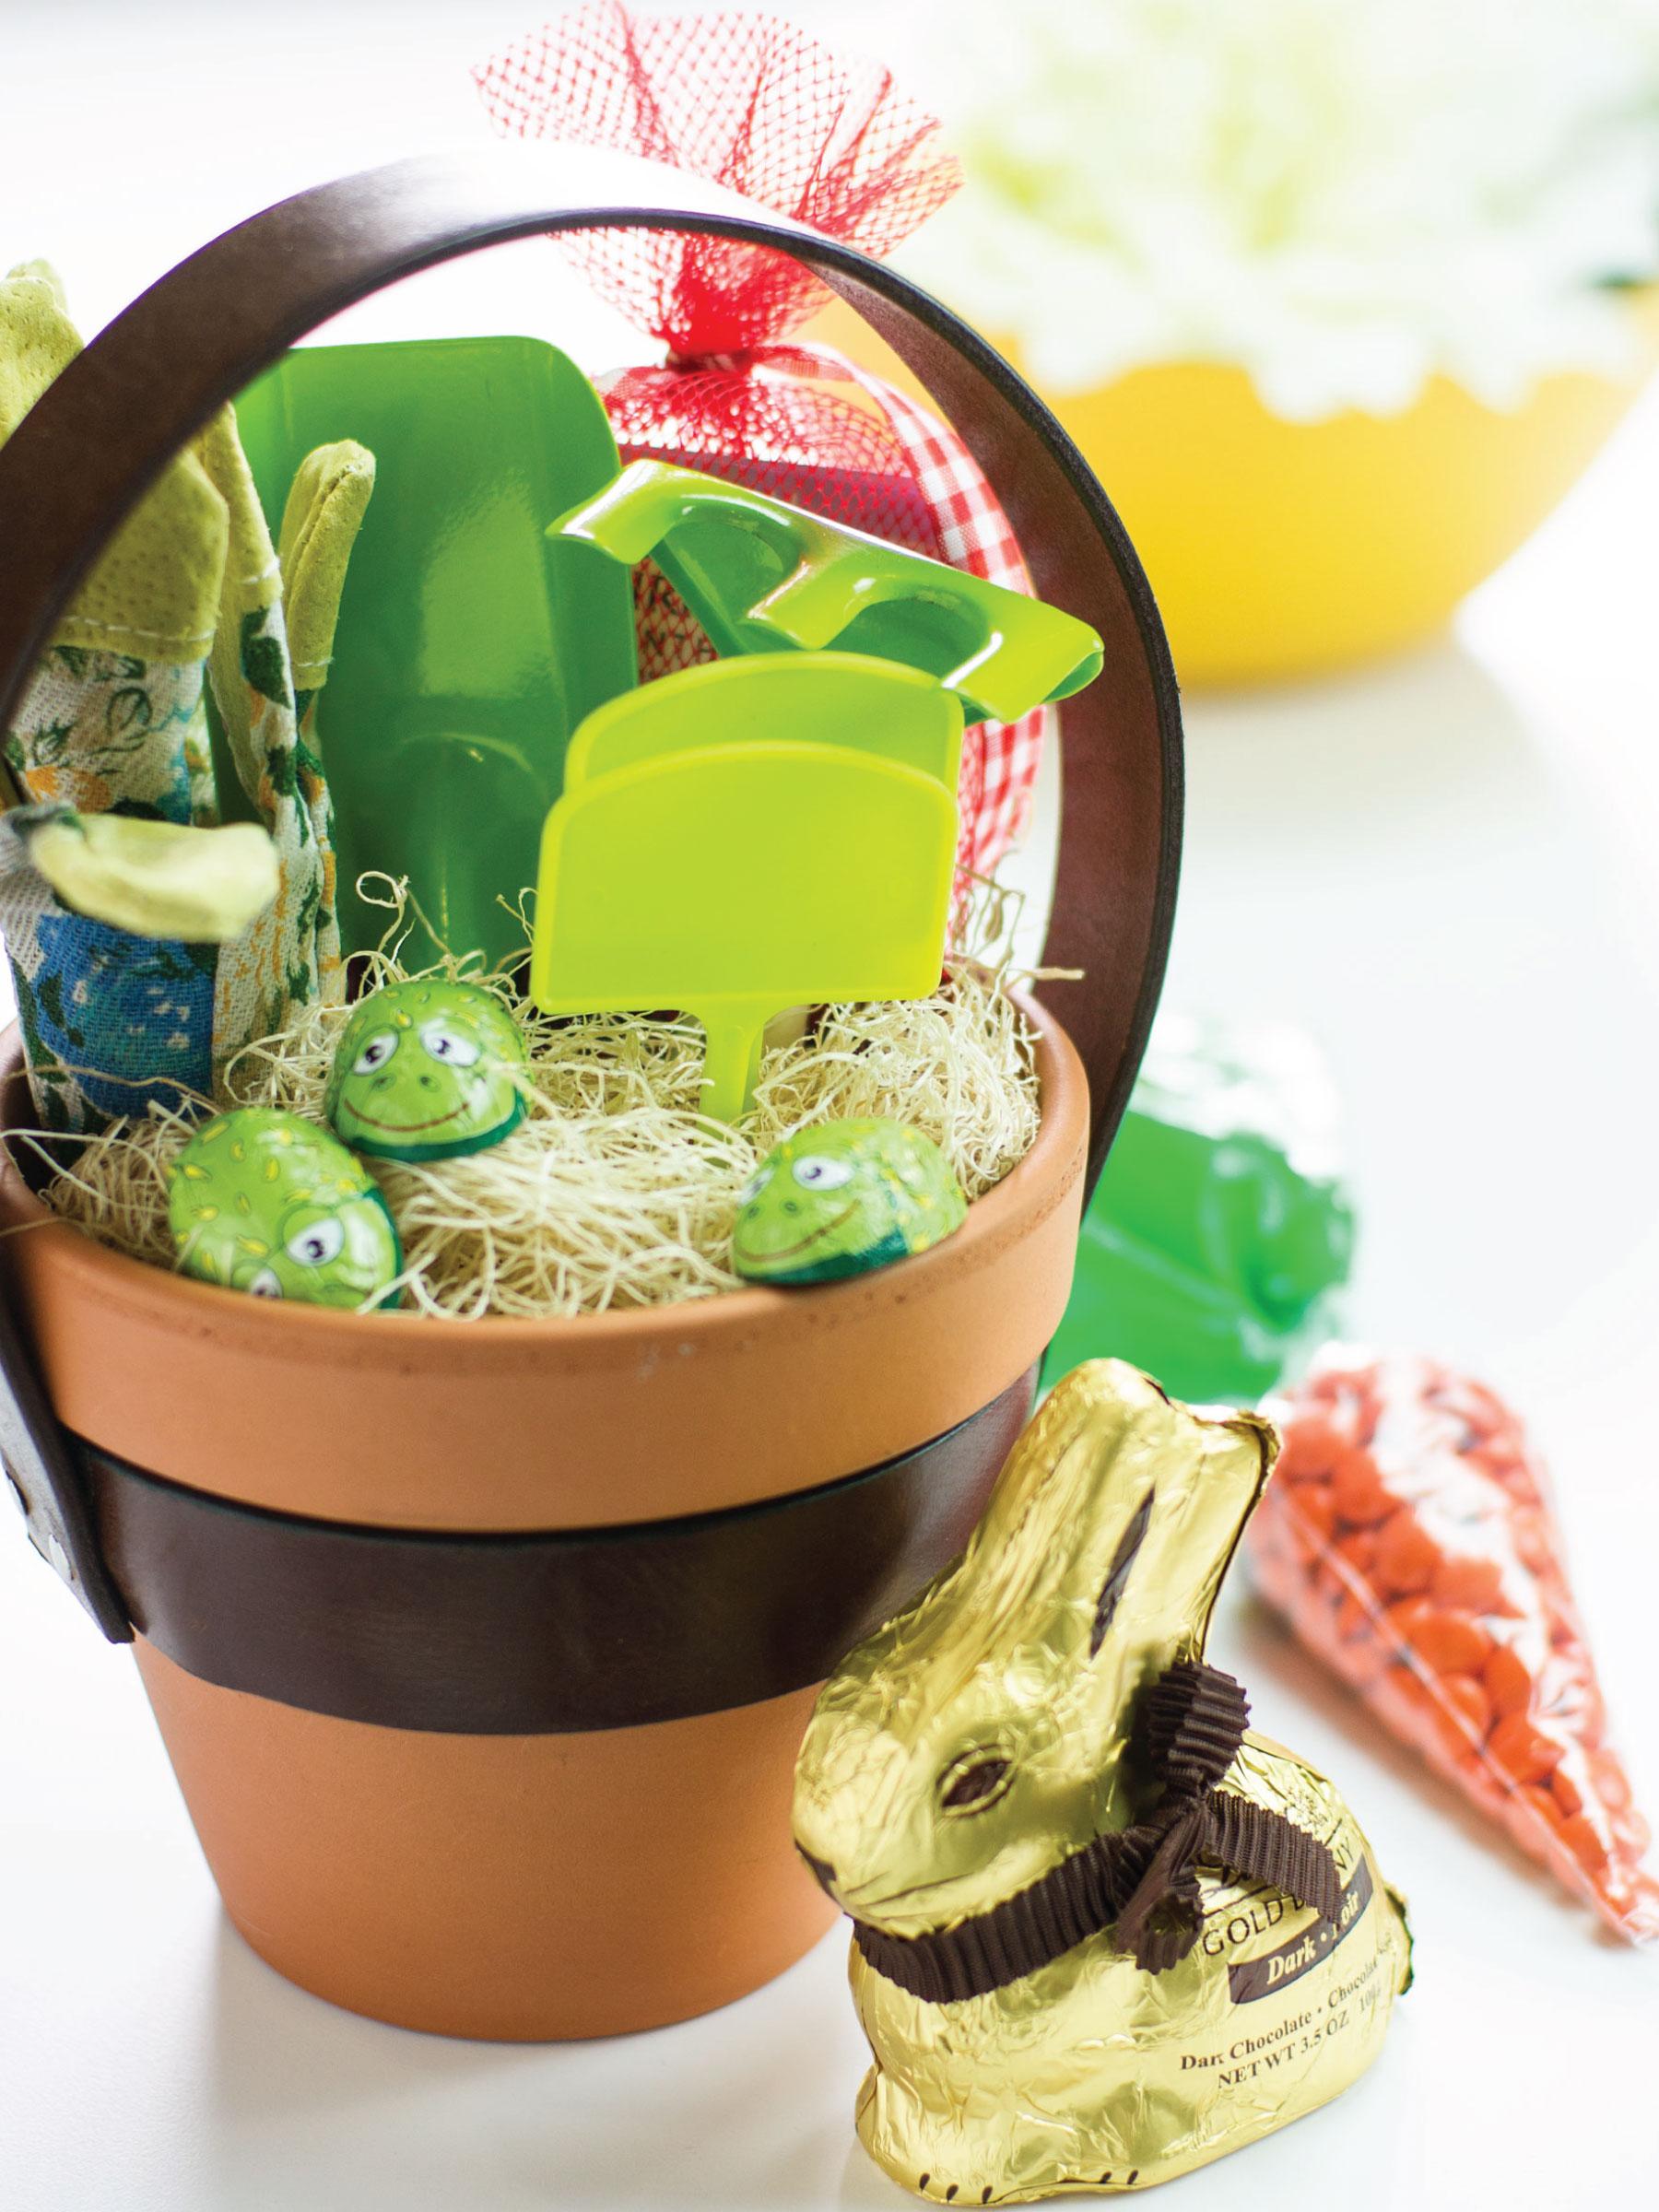 Flower Pot Easter Basket by Sam Henderson of Today's Nest for HGTVGardens